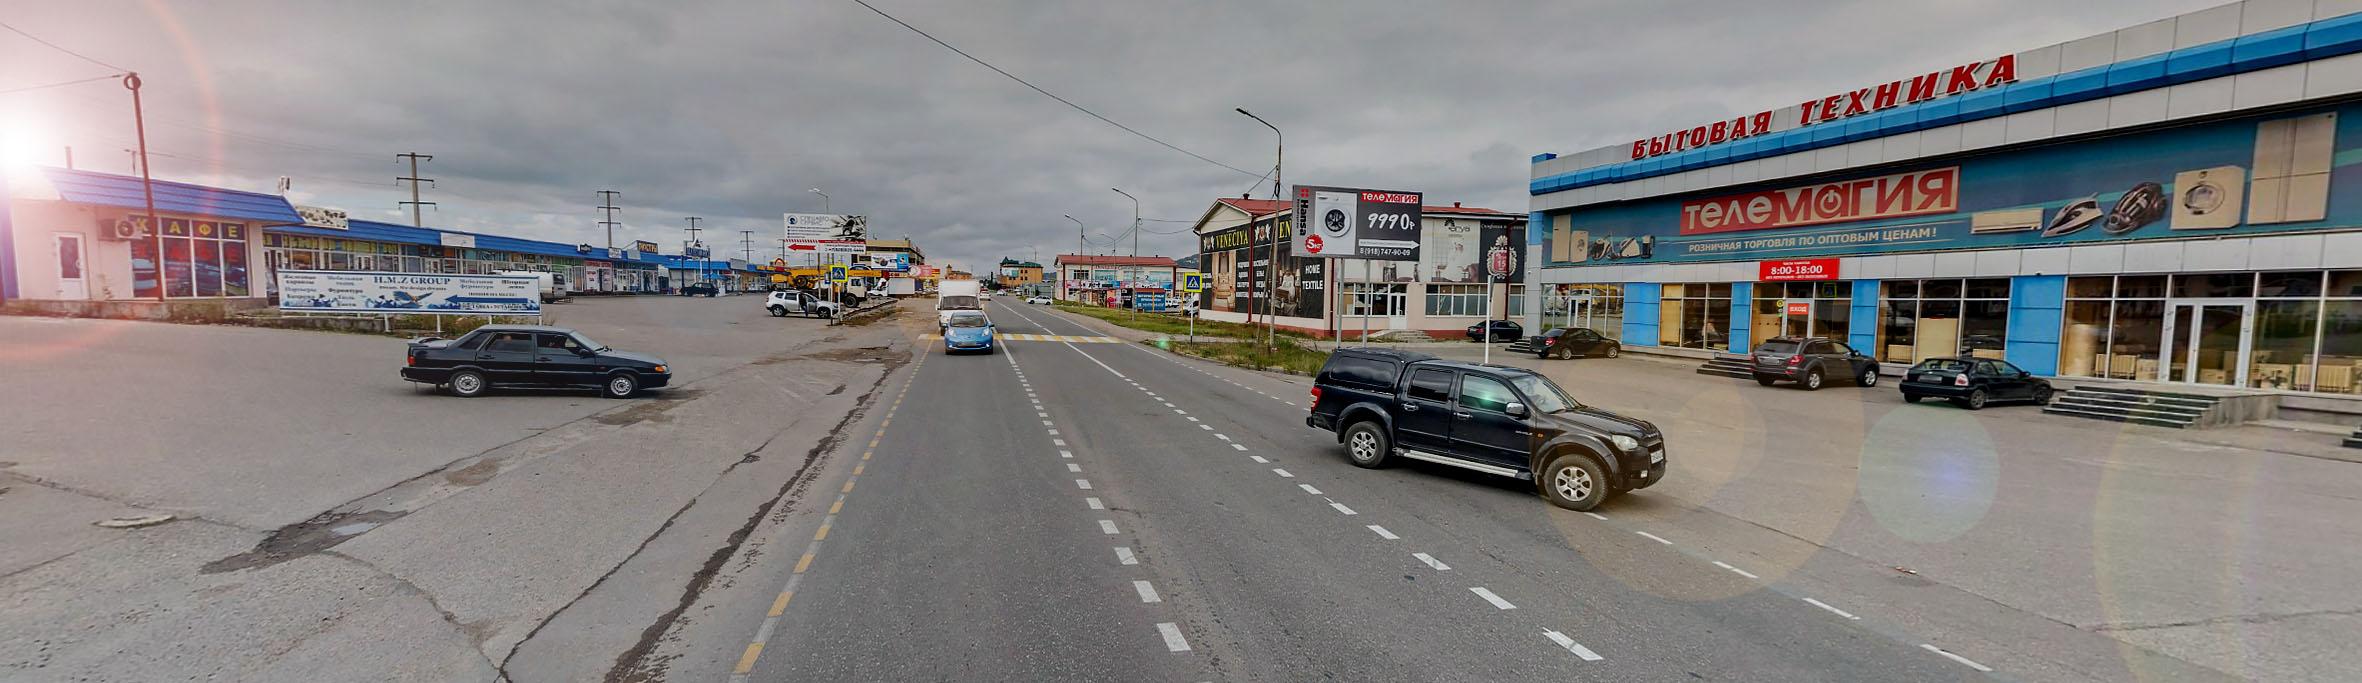 Реклама на билбордах в Пятигорске щиты